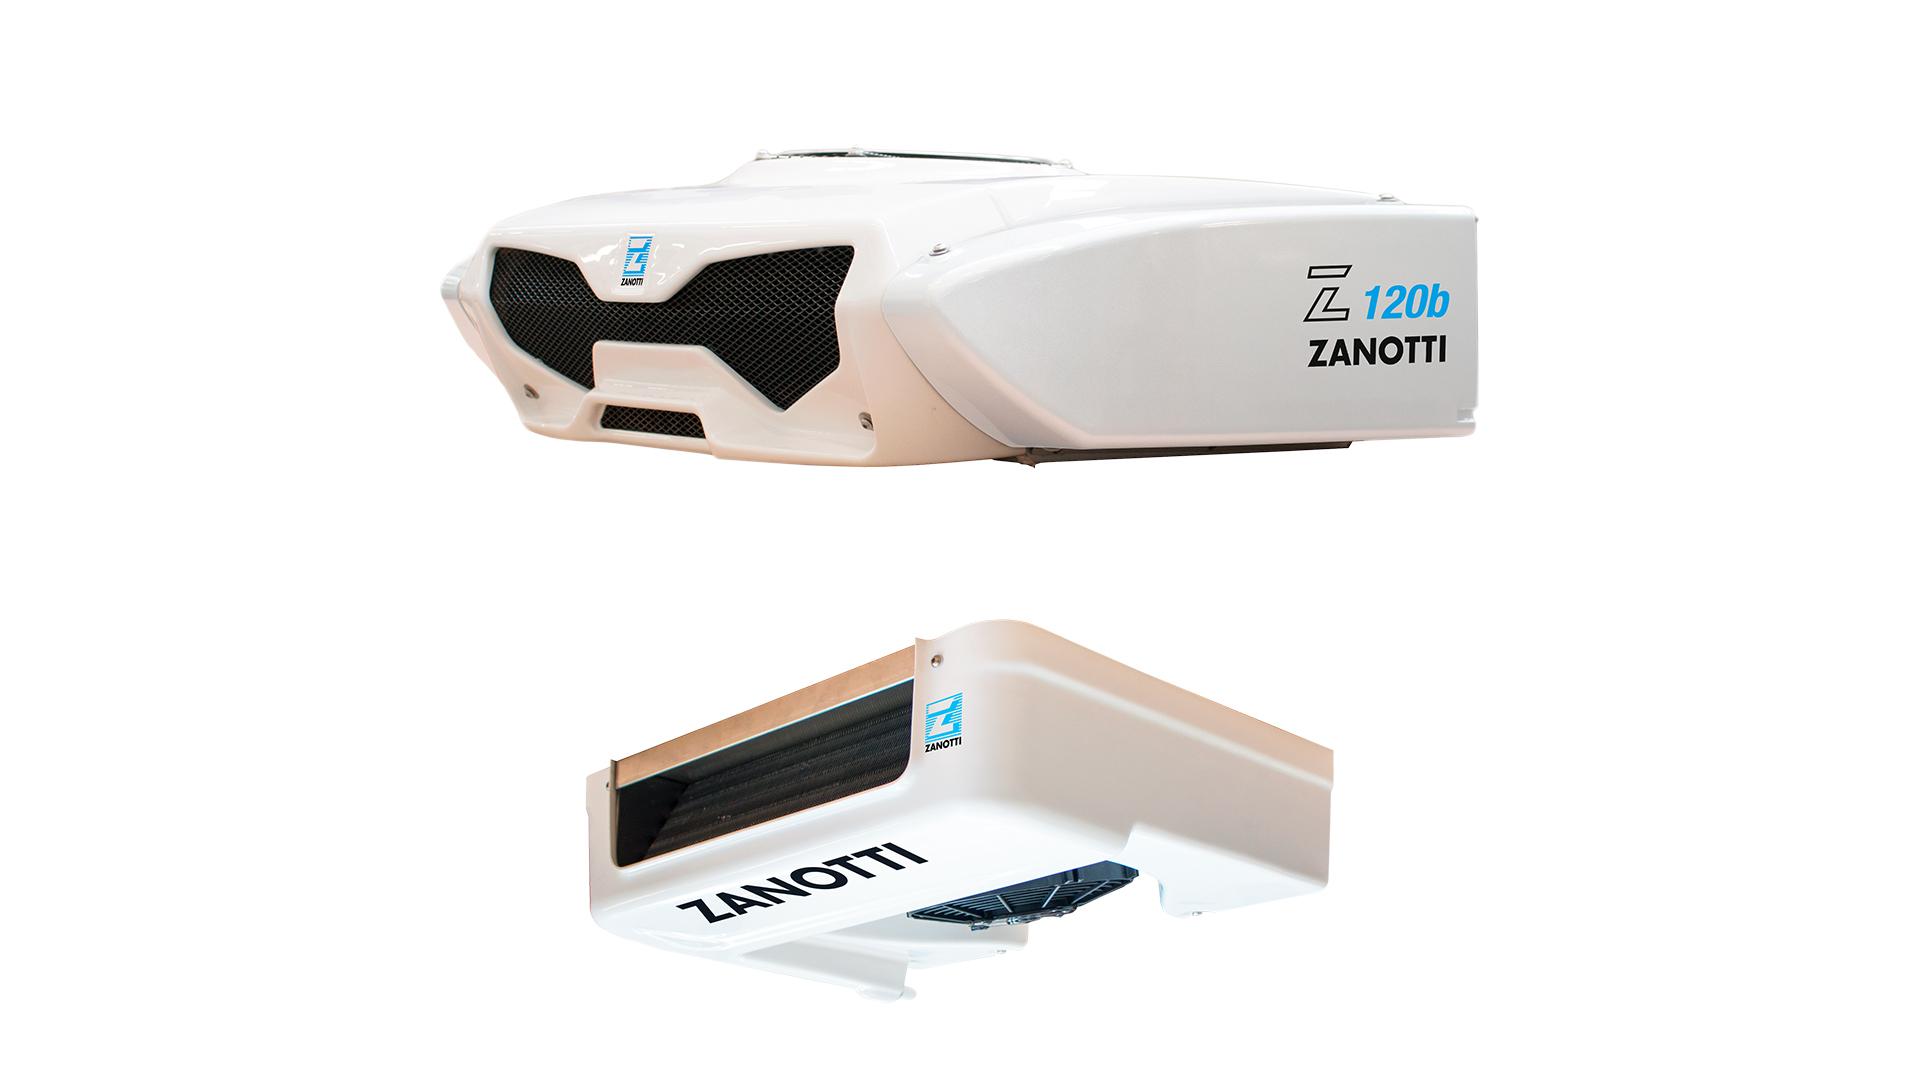 Refrigerazione trasportata con batteria Zero 120b